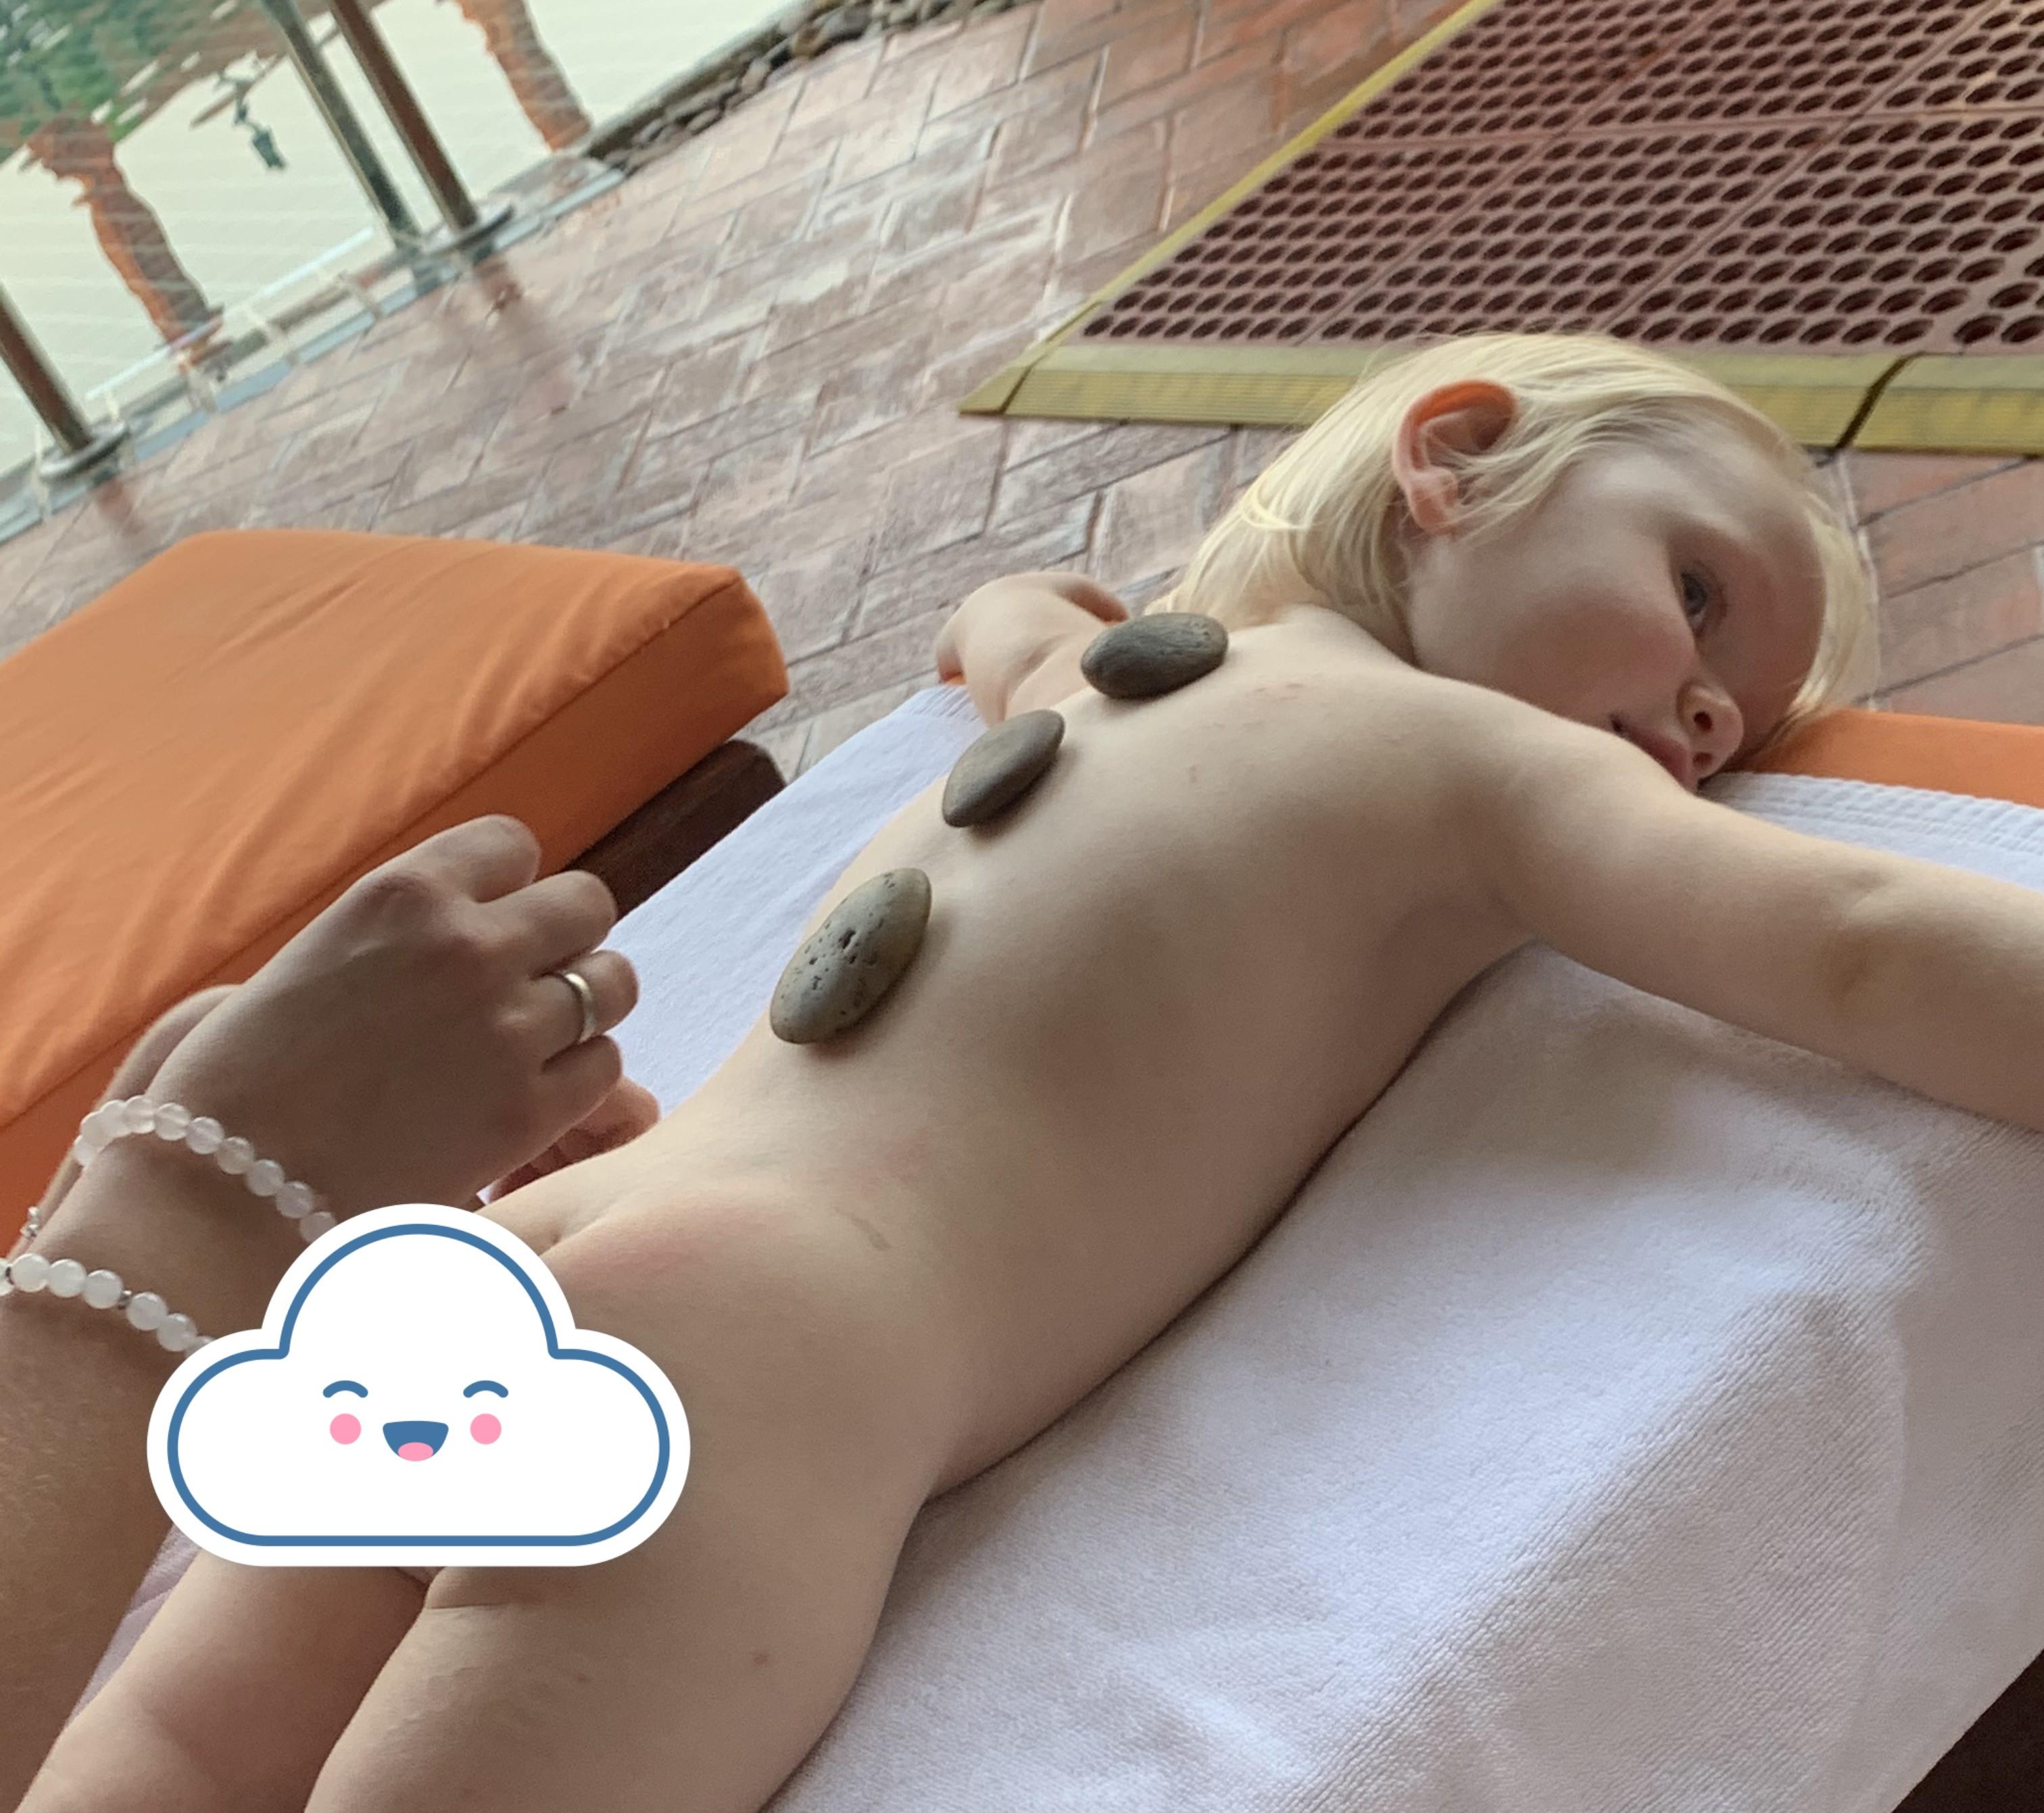 Leonora džiaugiasi tailandietišku masažu